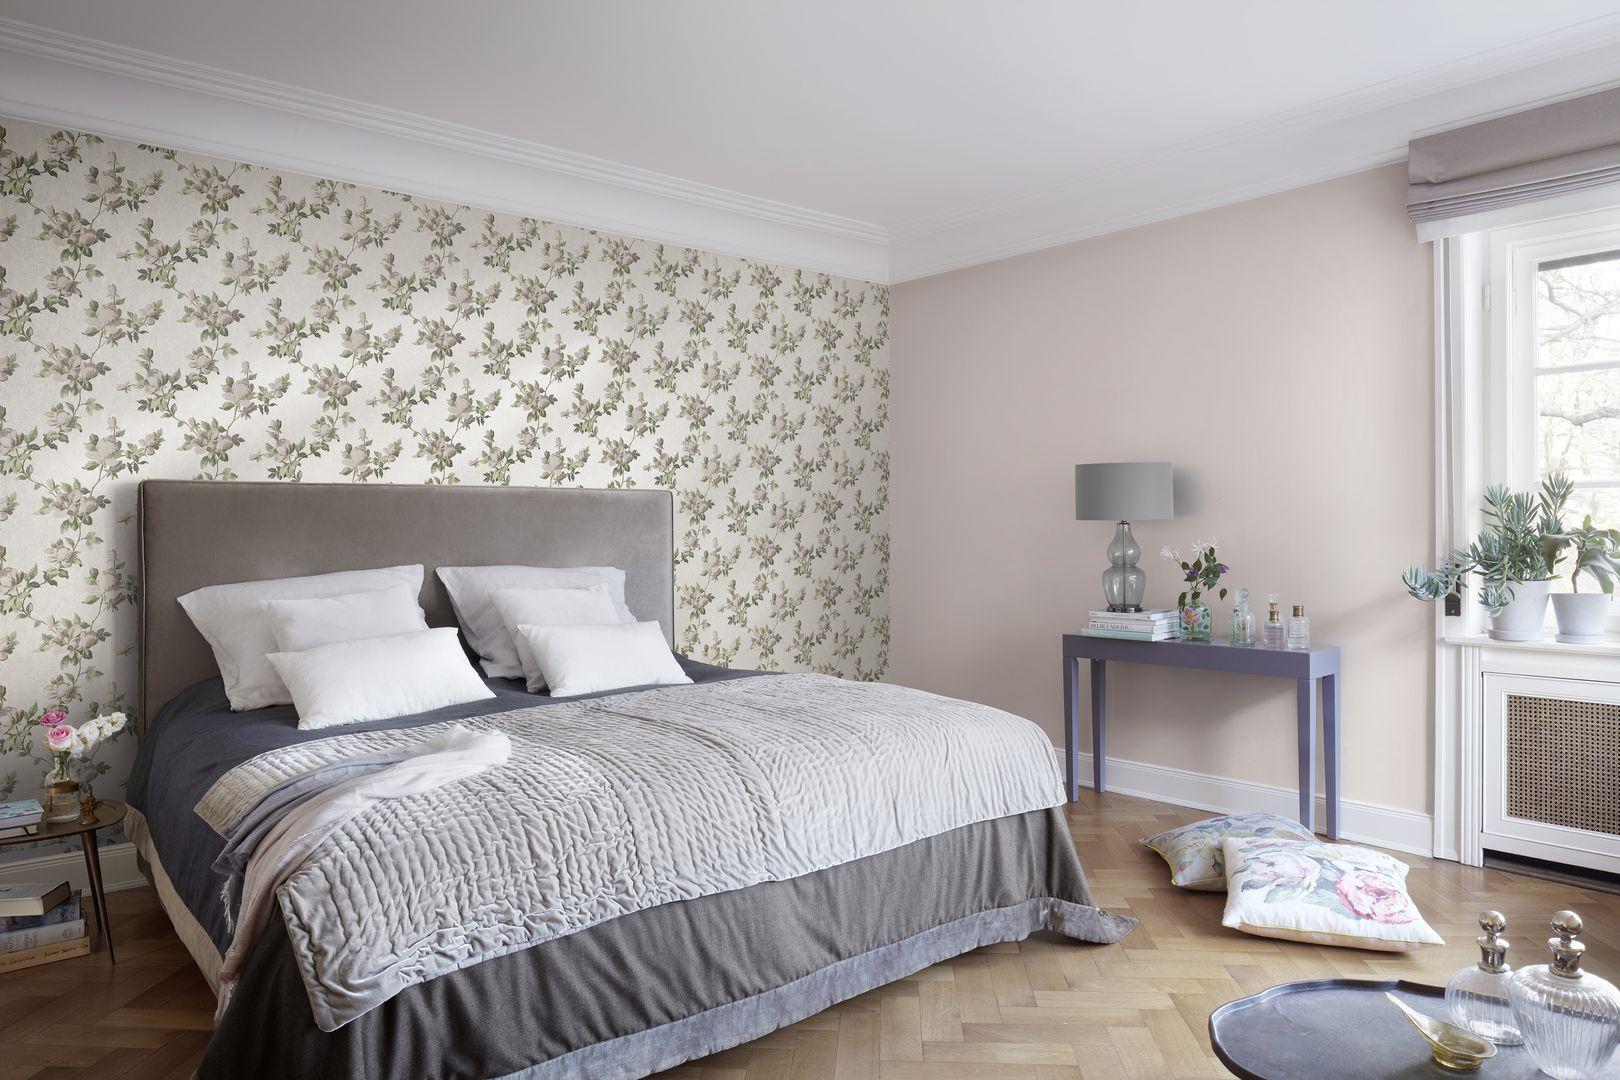 цены купить подбор обоев для спальни двух цветов фото нажмите картинку для